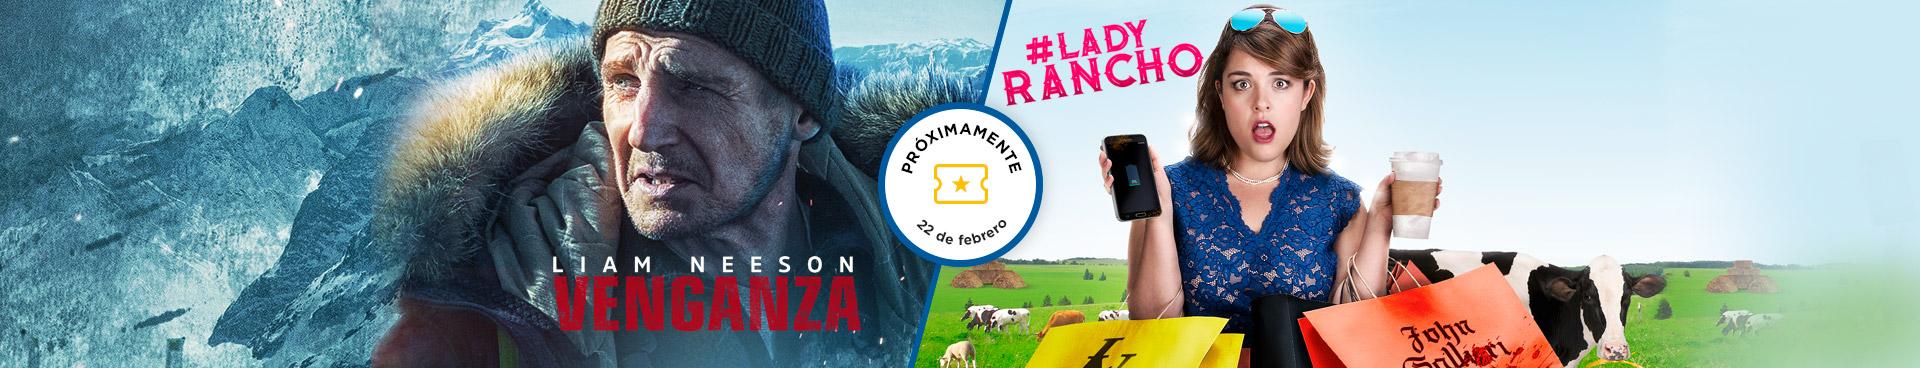 Próximamente: Venganza / Lady Rancho